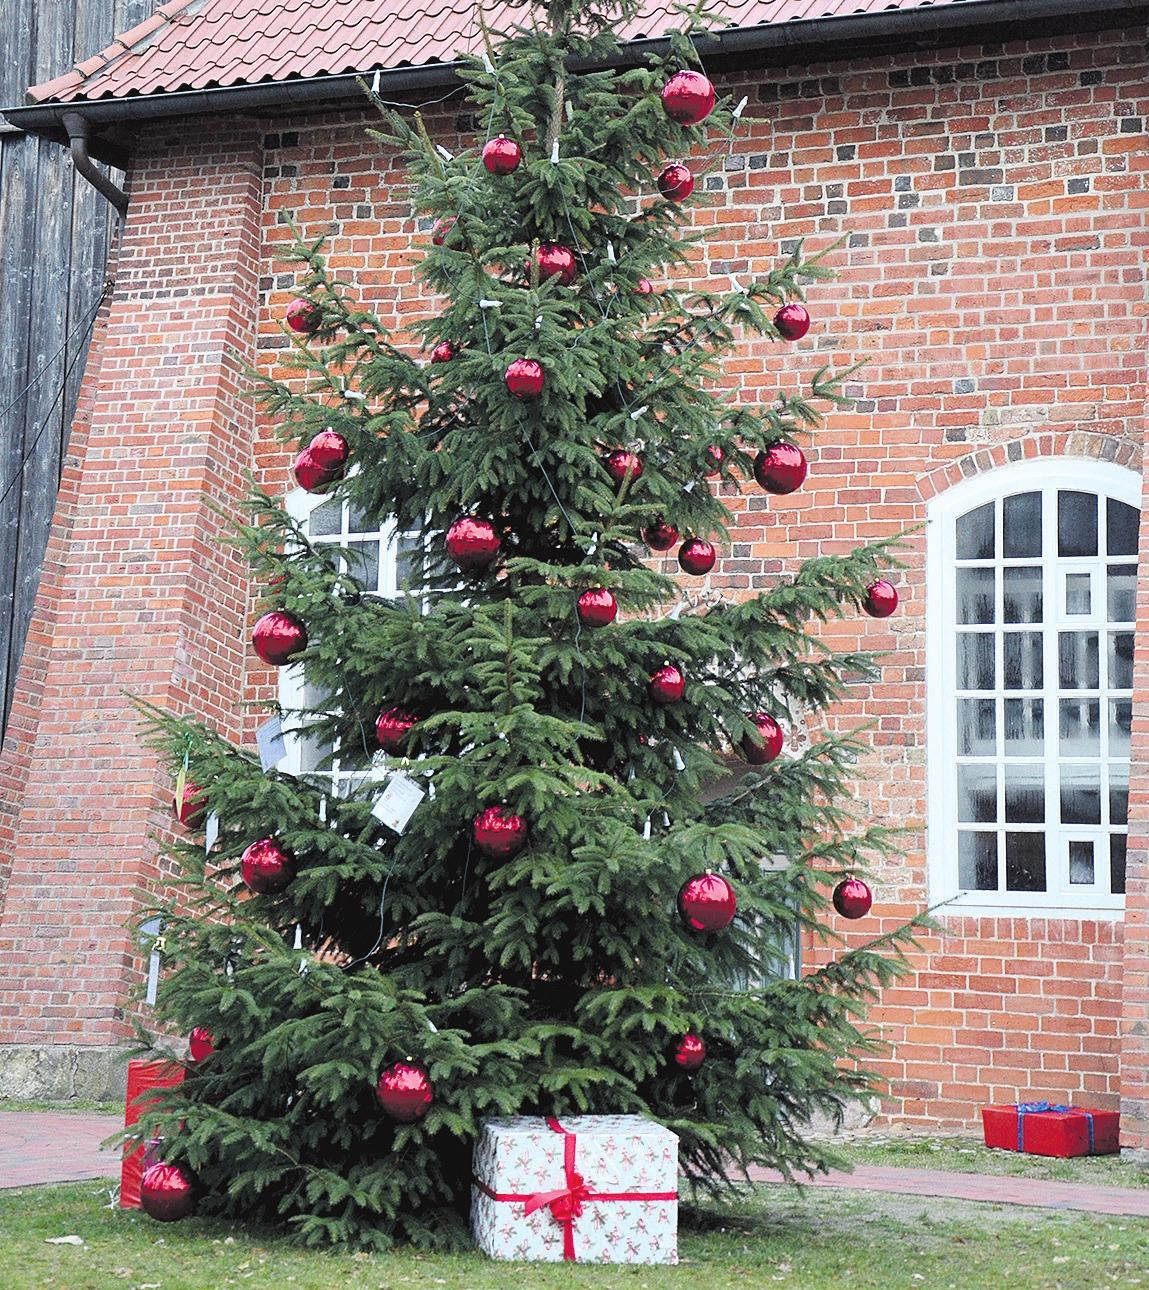 Weihnachtsbaum ist ein zentraler Bestandteil der Weihnachtstraditionen. Fotos: Müller